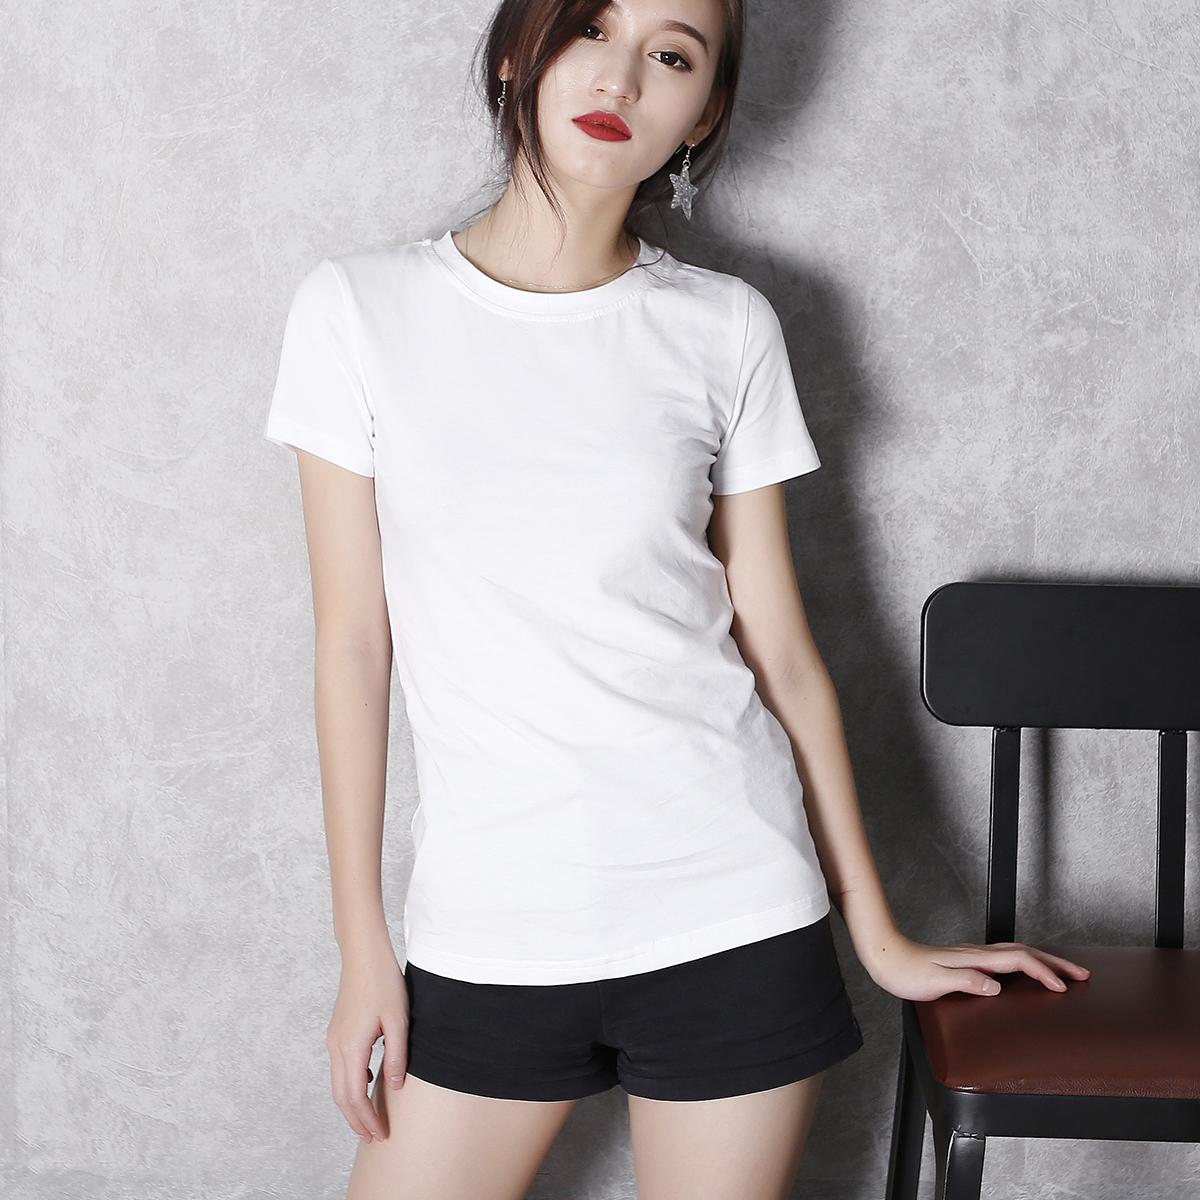 女士纯棉t恤 欧洲站夏季新款纯棉修身显瘦圆领简约体恤短袖紧身白色t恤女装_推荐淘宝好看的女纯棉t恤